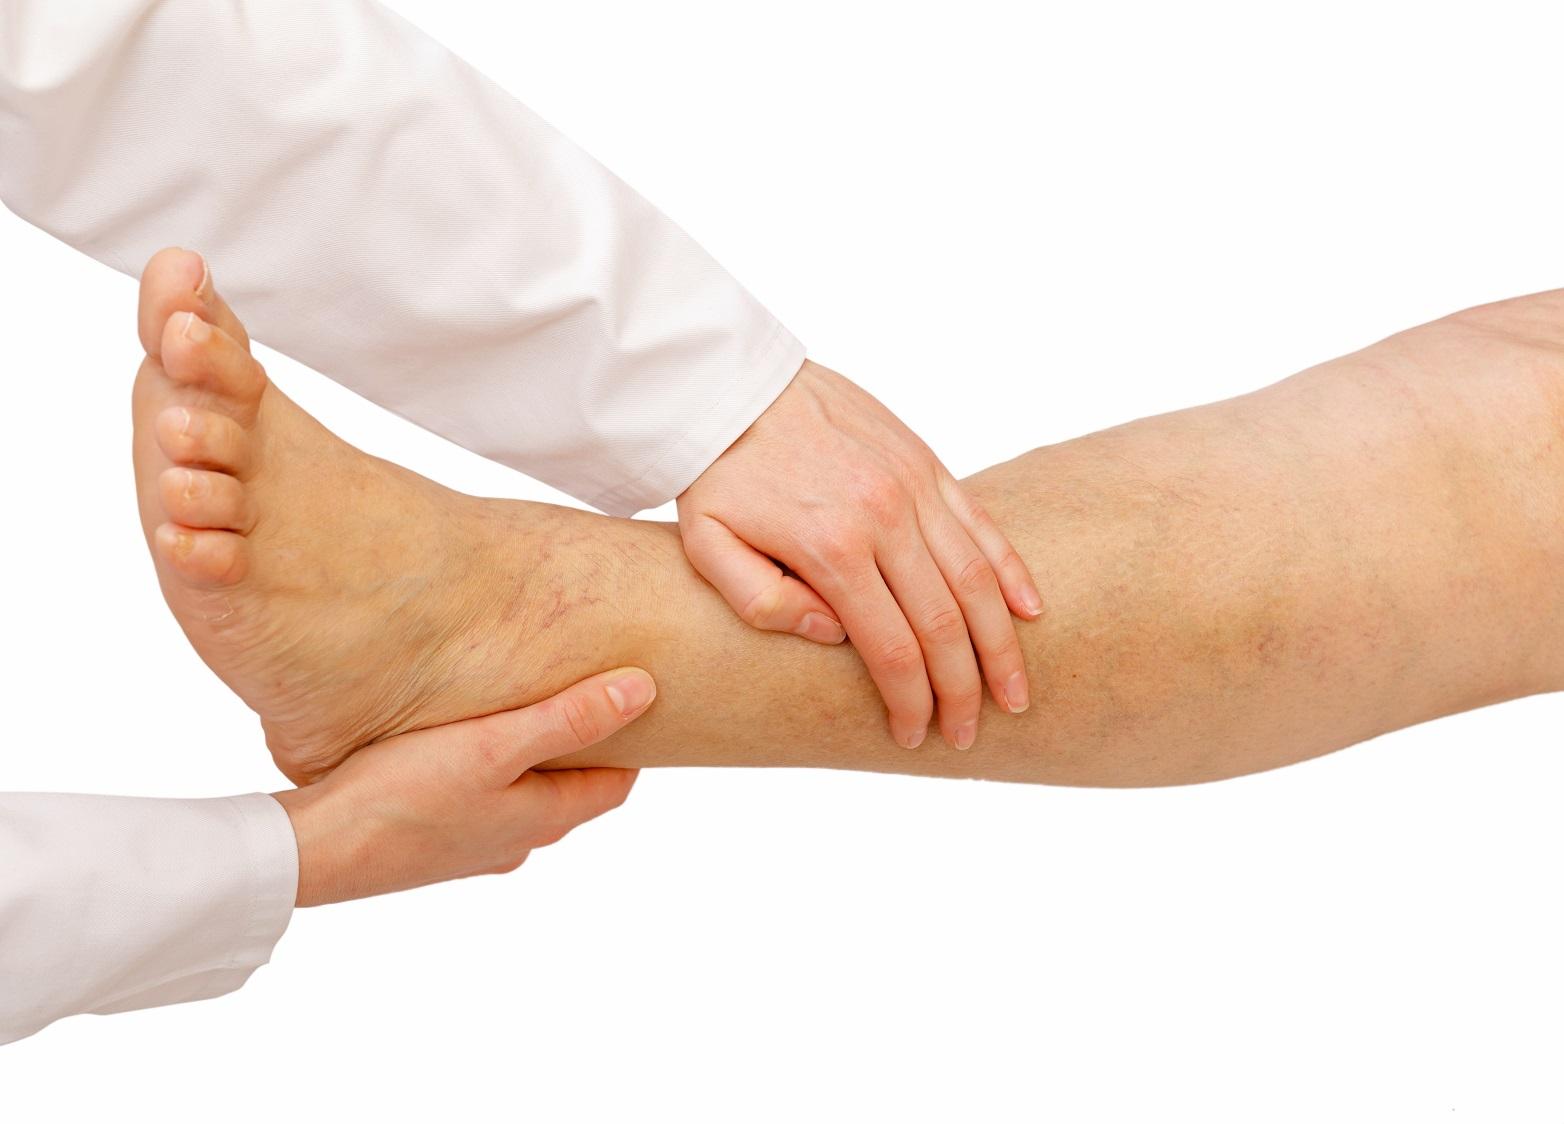 hogyan kezelik a lábfájdalmat hogyan lehet eltávolítani a bokaízület duzzanatát